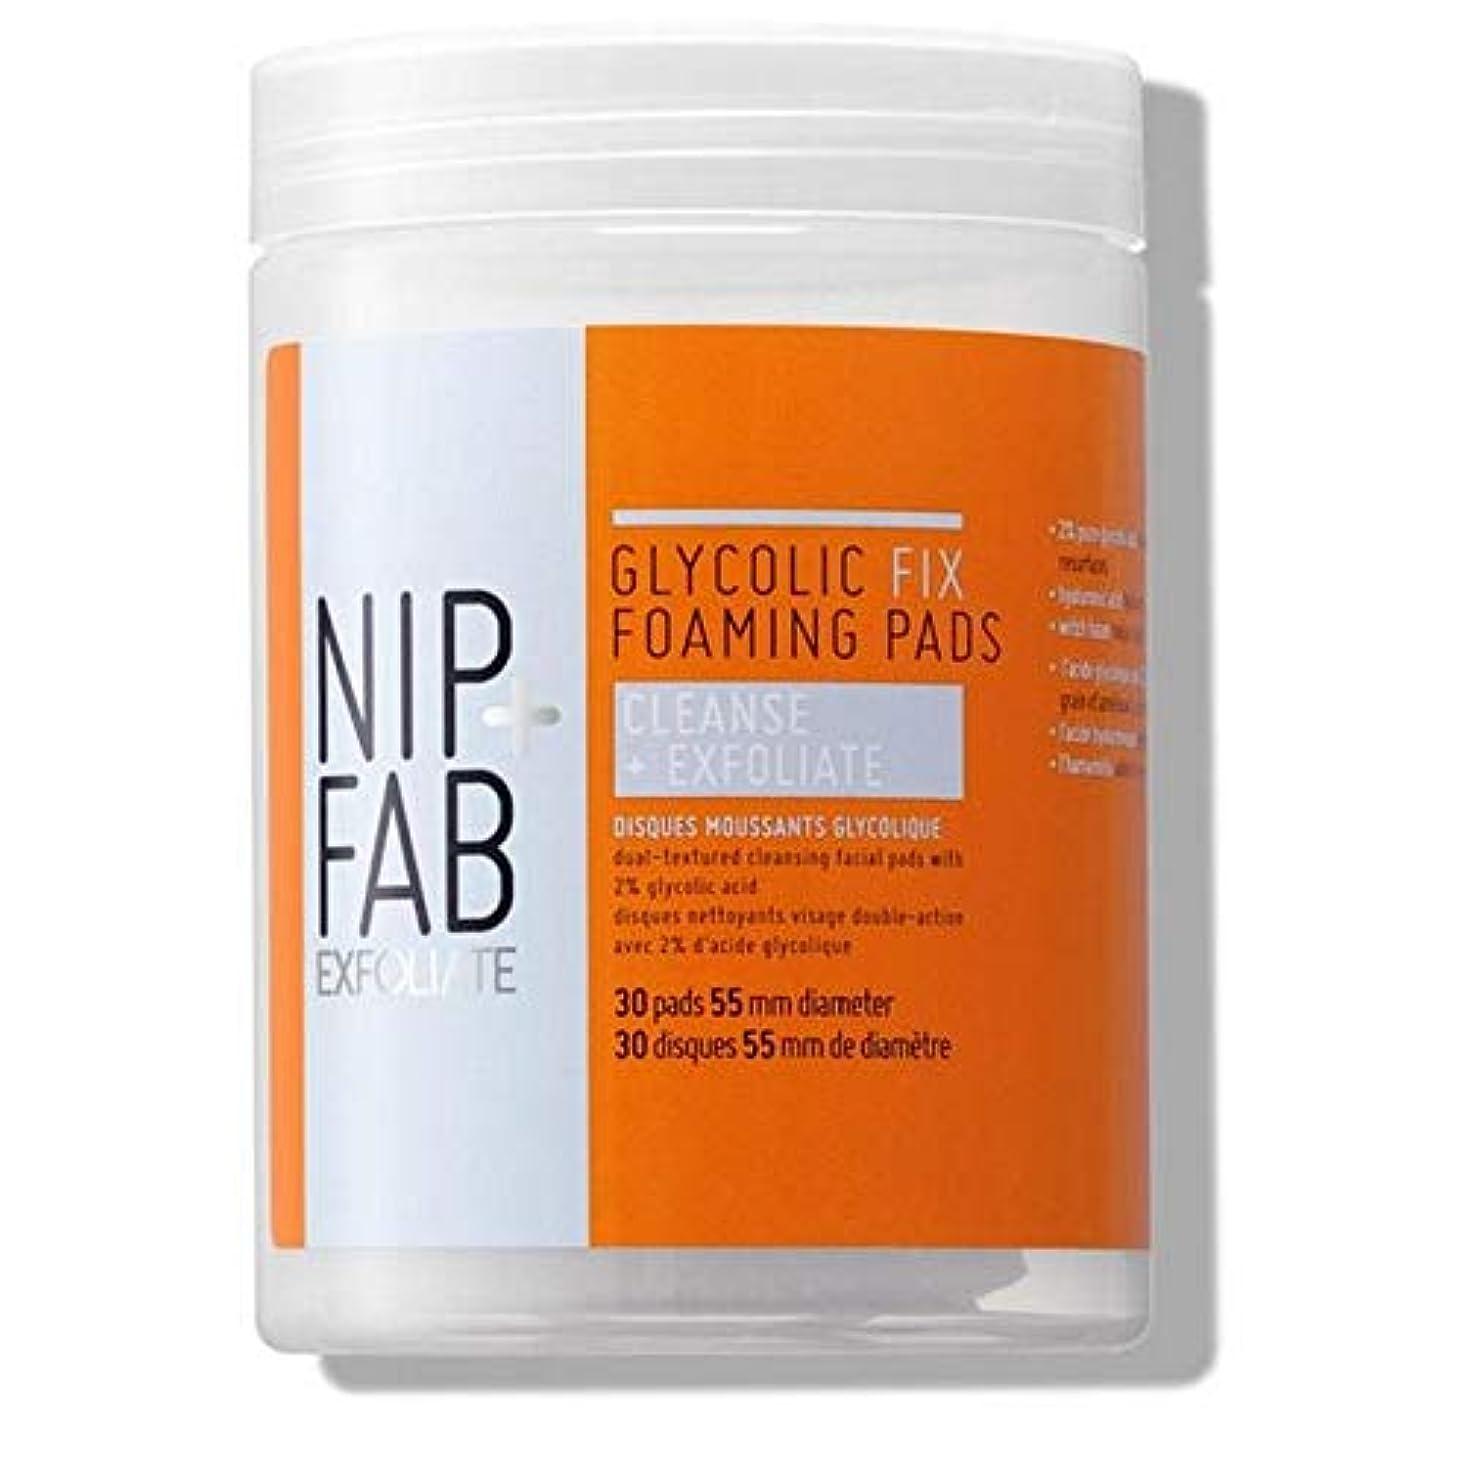 バター擬人完璧な[Nip & Fab] + Fabグリコール修正発泡パッド95ミリリットルニップ - Nip+Fab Glycolic Fix Foaming Pads 95ml [並行輸入品]